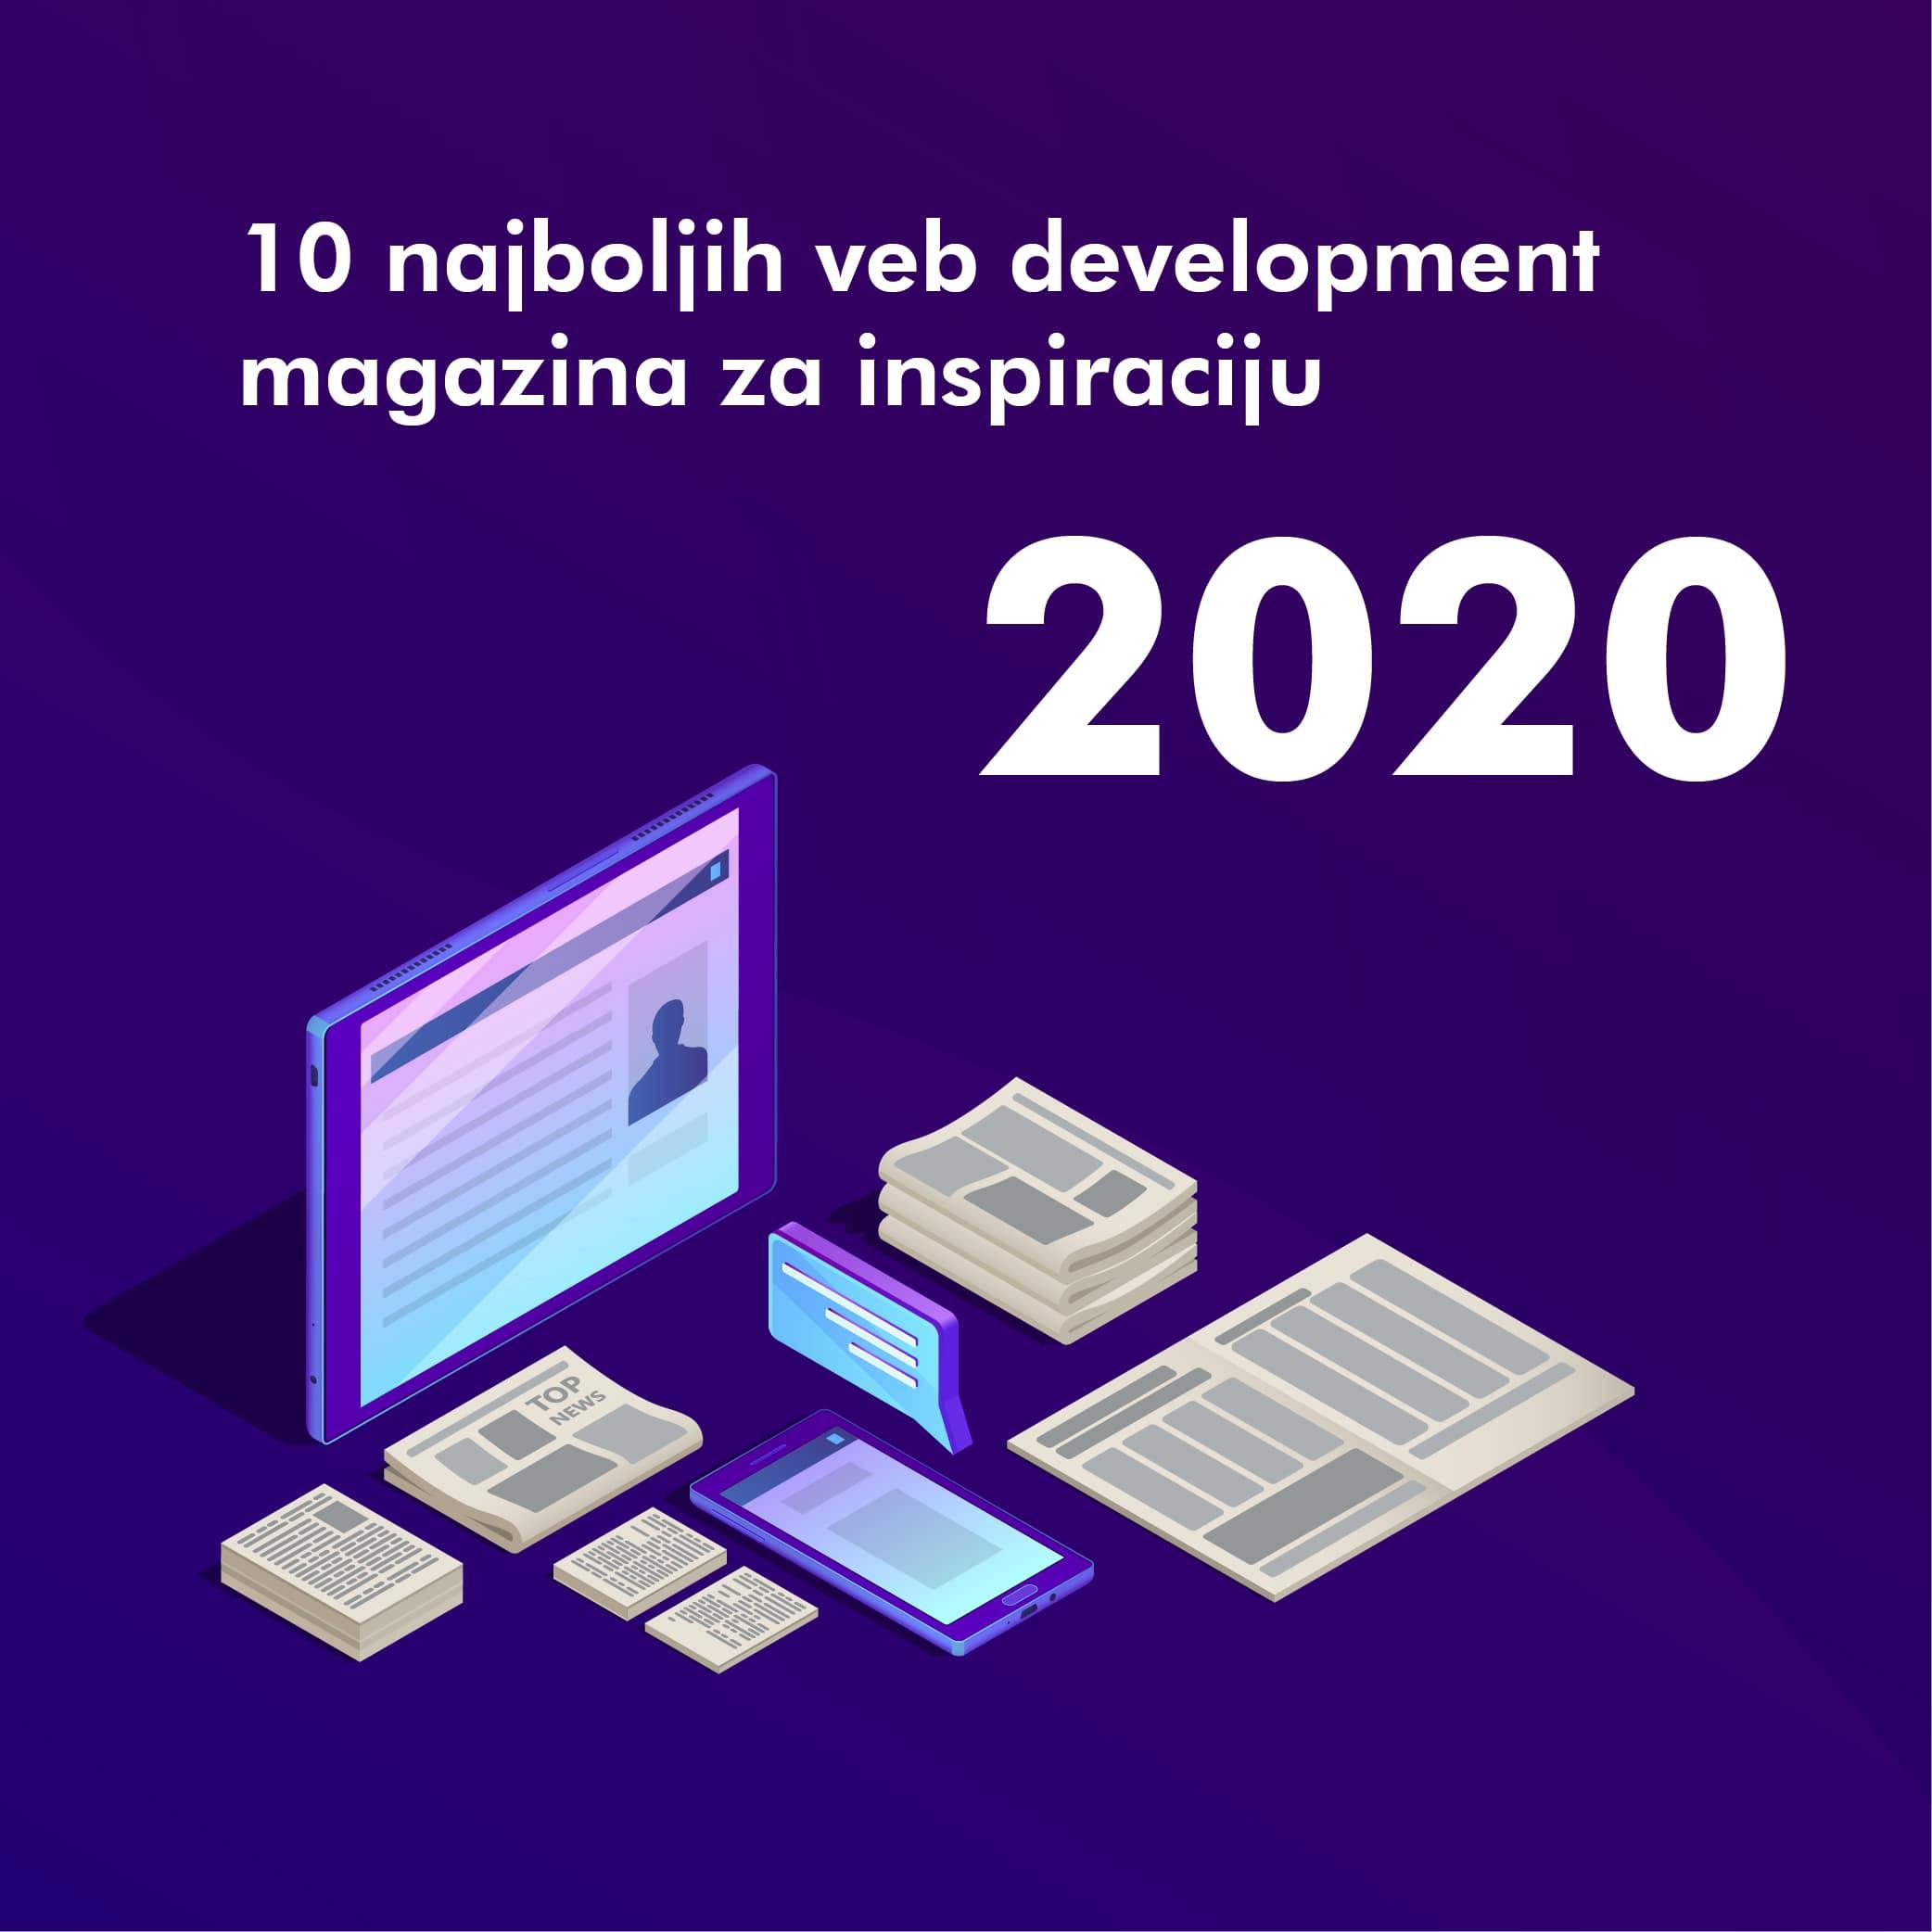 5259610 najboljih veb development magazina za inspiraciju u 2020.